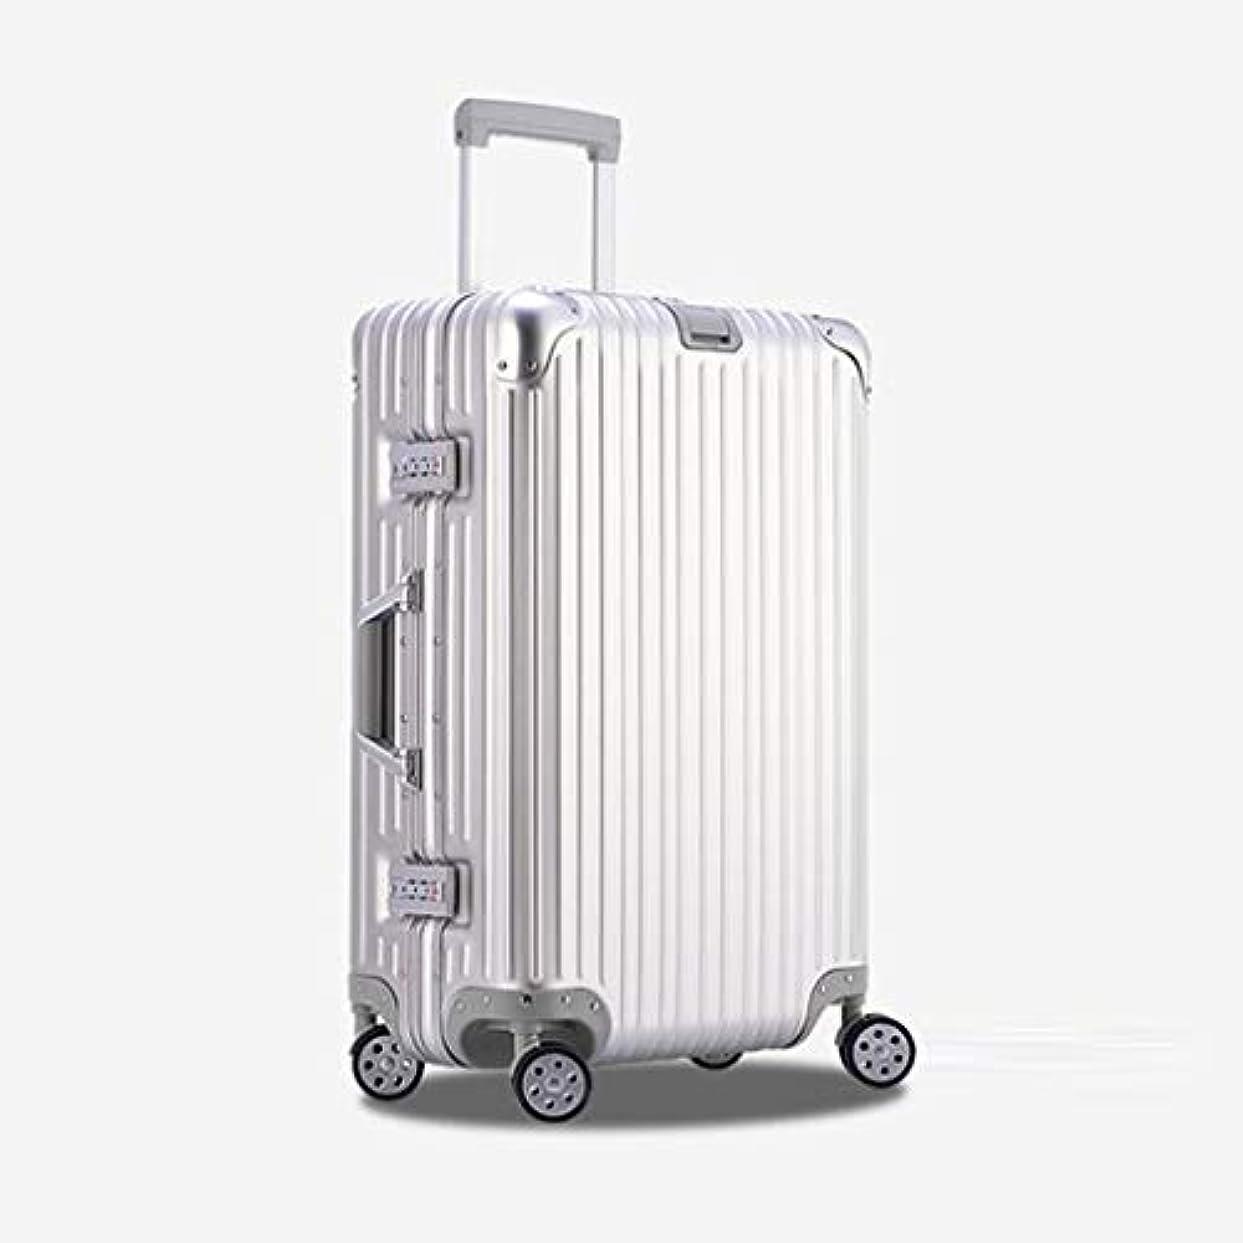 振るう高齢者不完全JTWJ スーツケース持ち運び用トロリーケース - 全金属アルミニウムマグネシウム合金4輪ハンドの荷物、シルバー、6サイズ (色 : シルバー しるば゜, サイズ さいず : 26 inches)